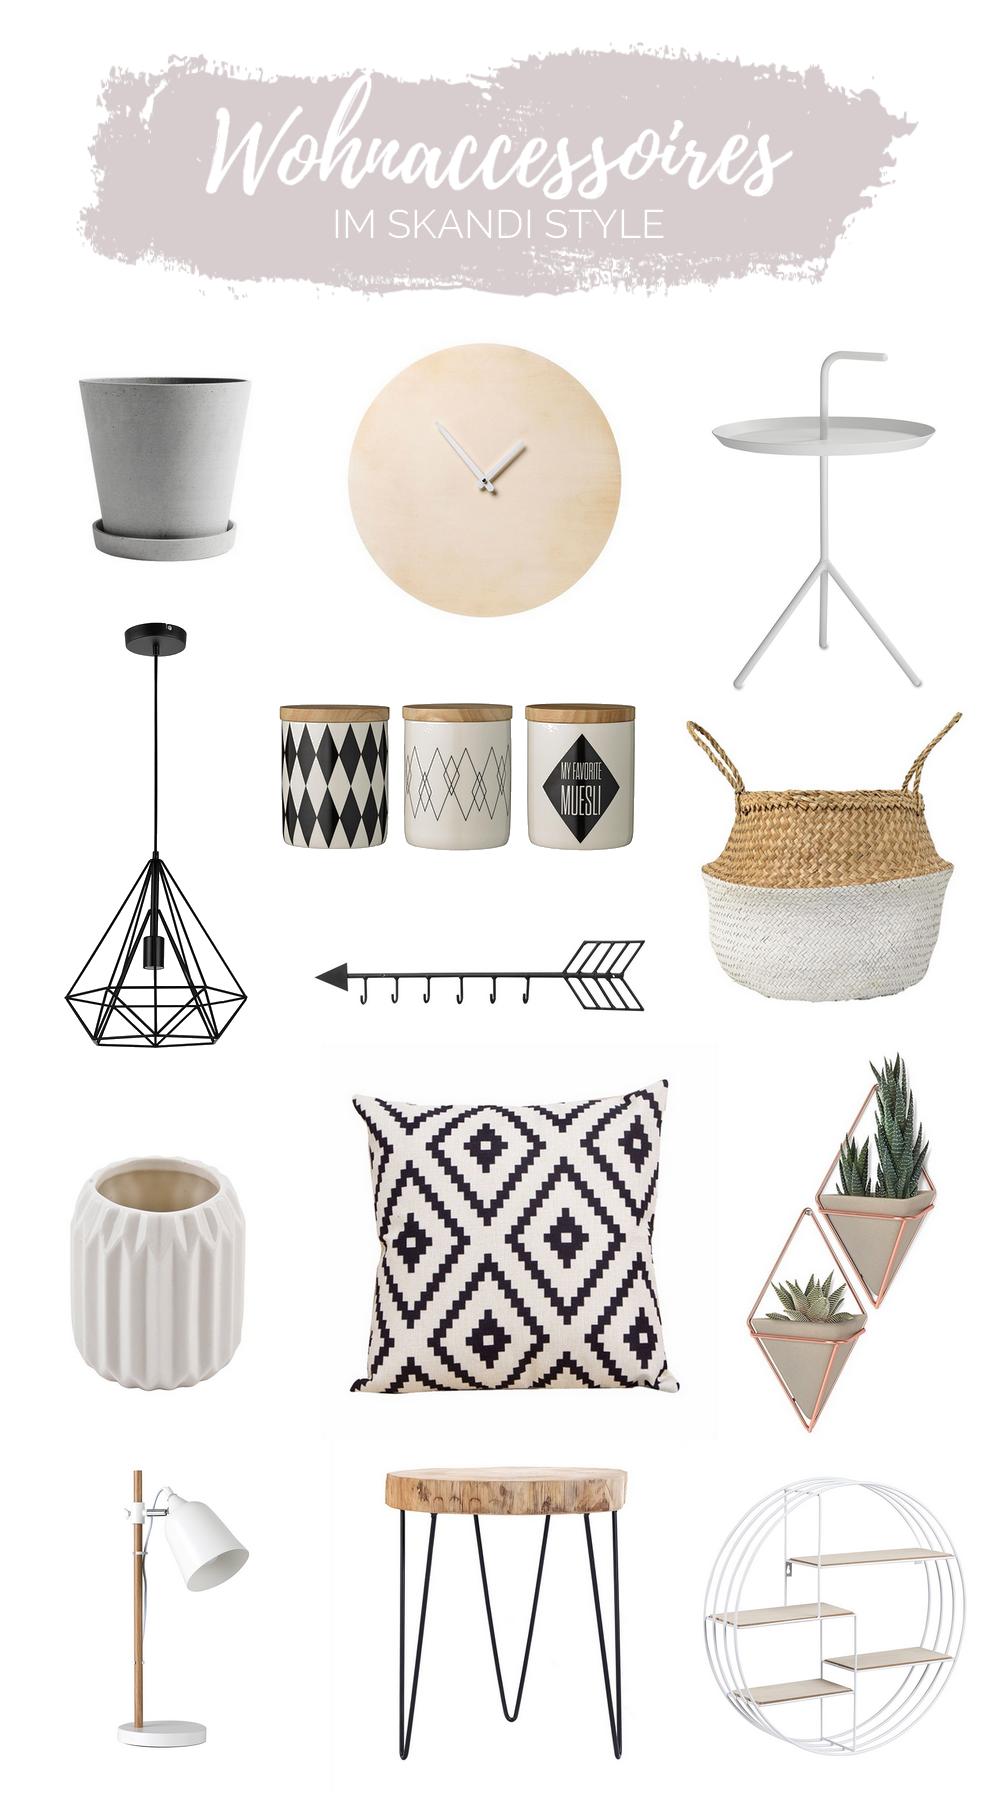 Wohnaccessoires im Skandi Style. Mit diesen 6 Tipps kannst du dein Zuhause inspiriert vom Skandi Style einrichten. Tipps zum Wohnen im skandinavischern Wohnstil.